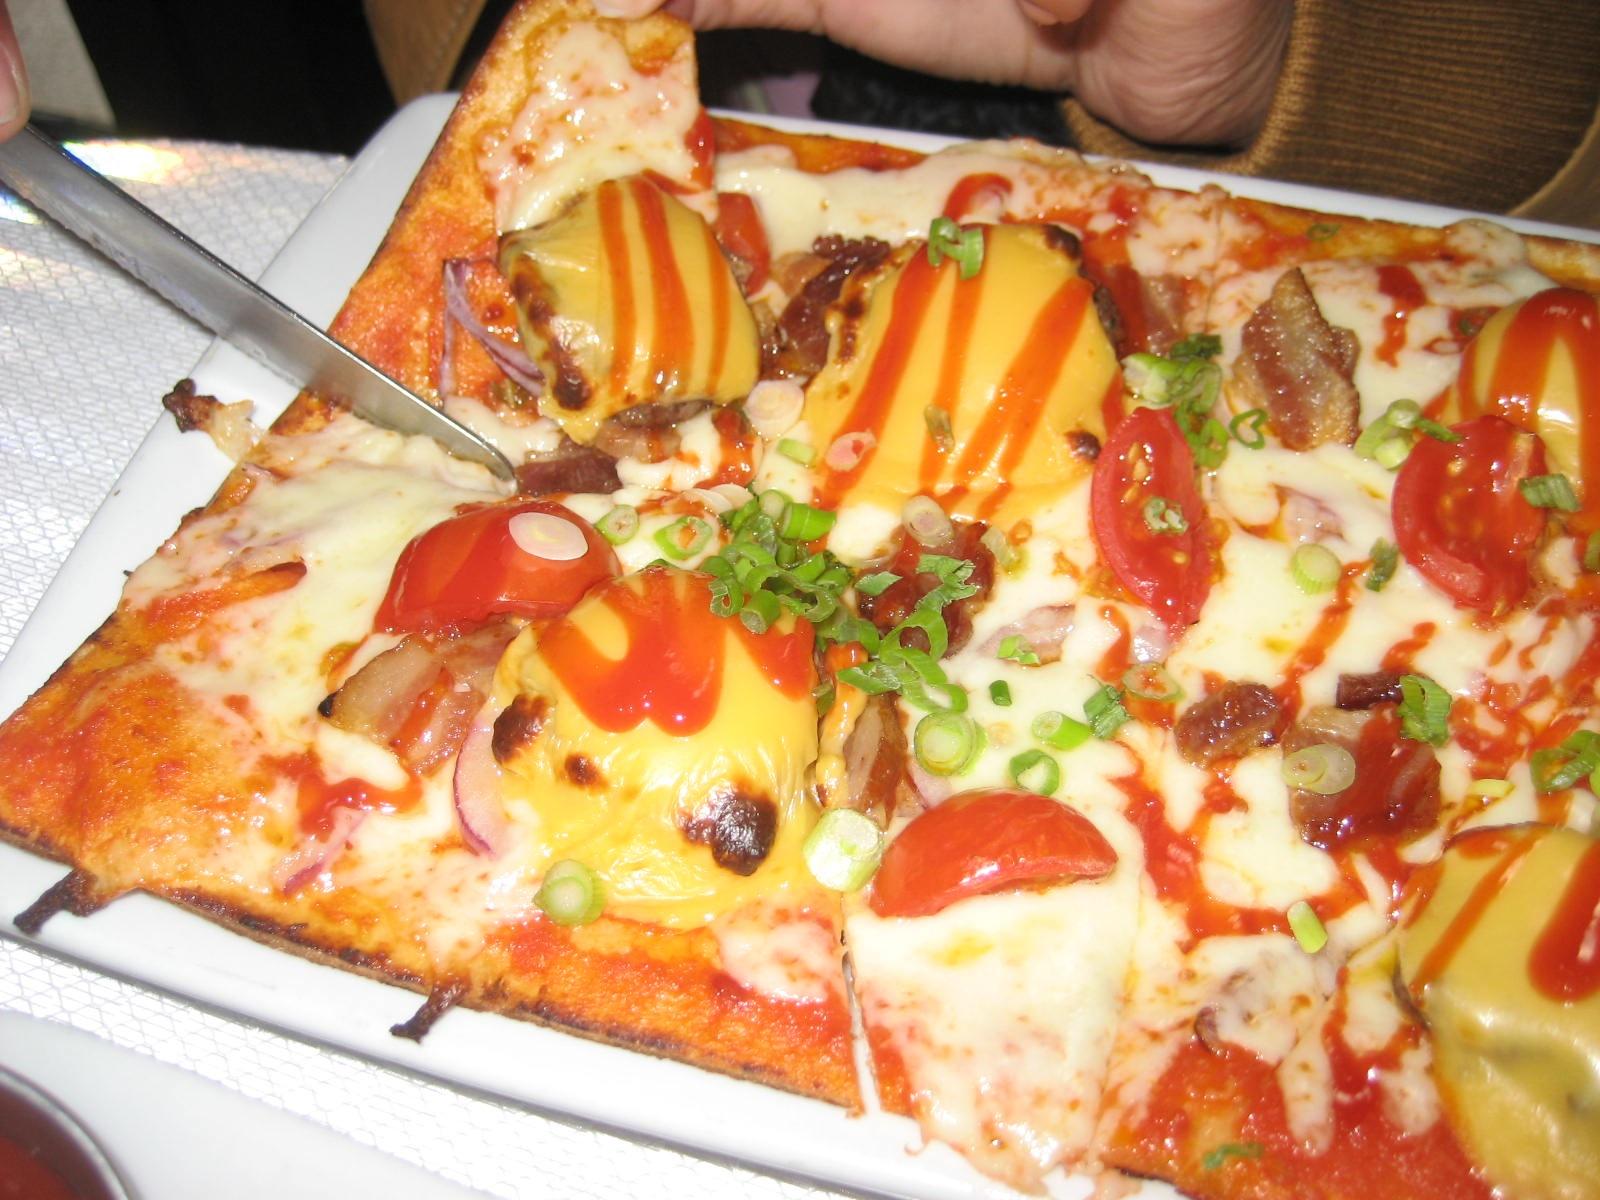 pizzacheeseburger.jpg